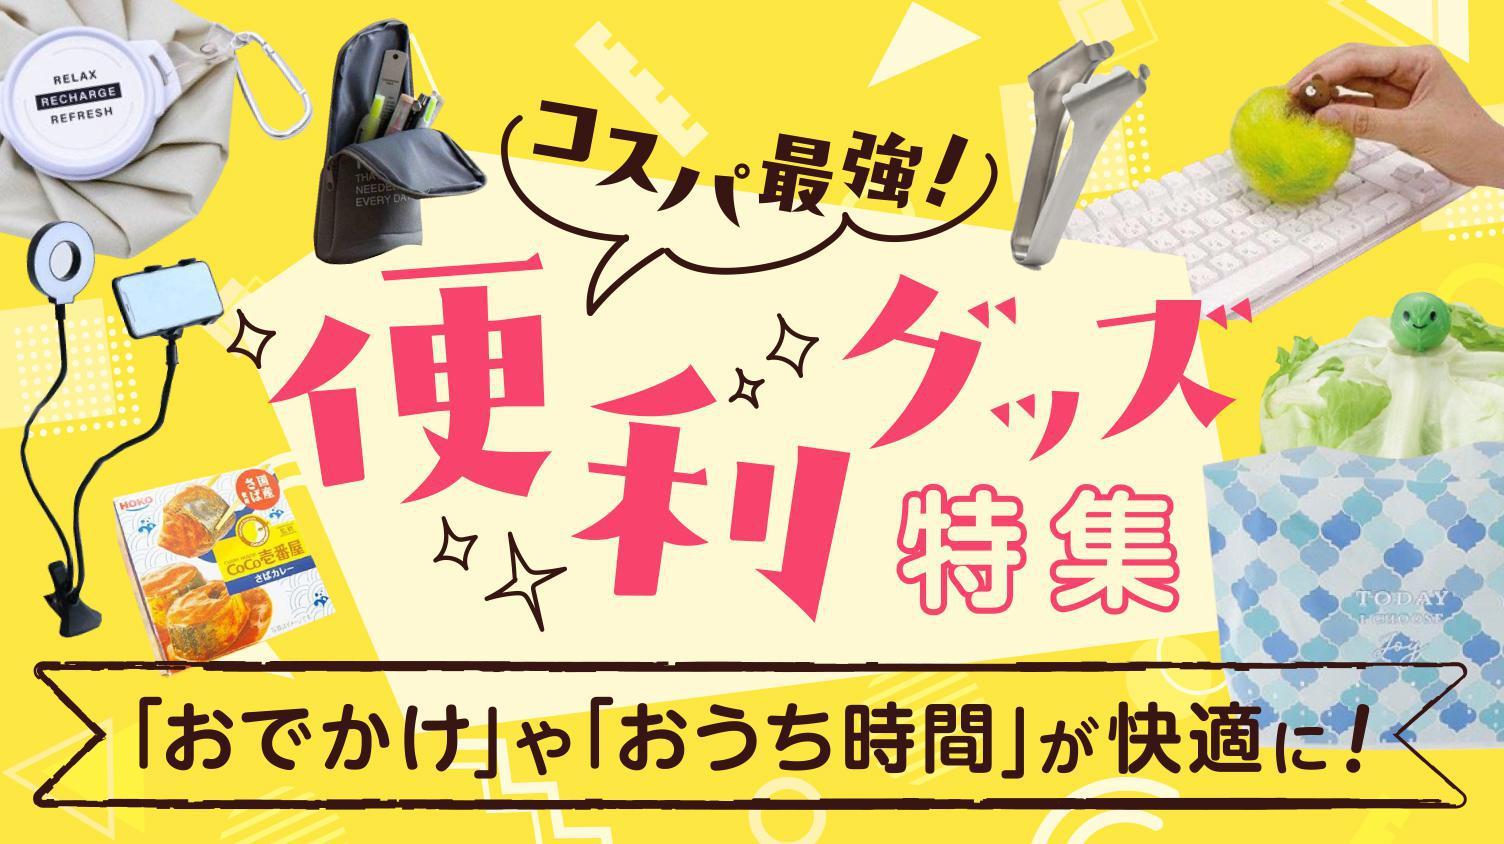 【ウォーカー厳選】おすすめ便利グッズ特集